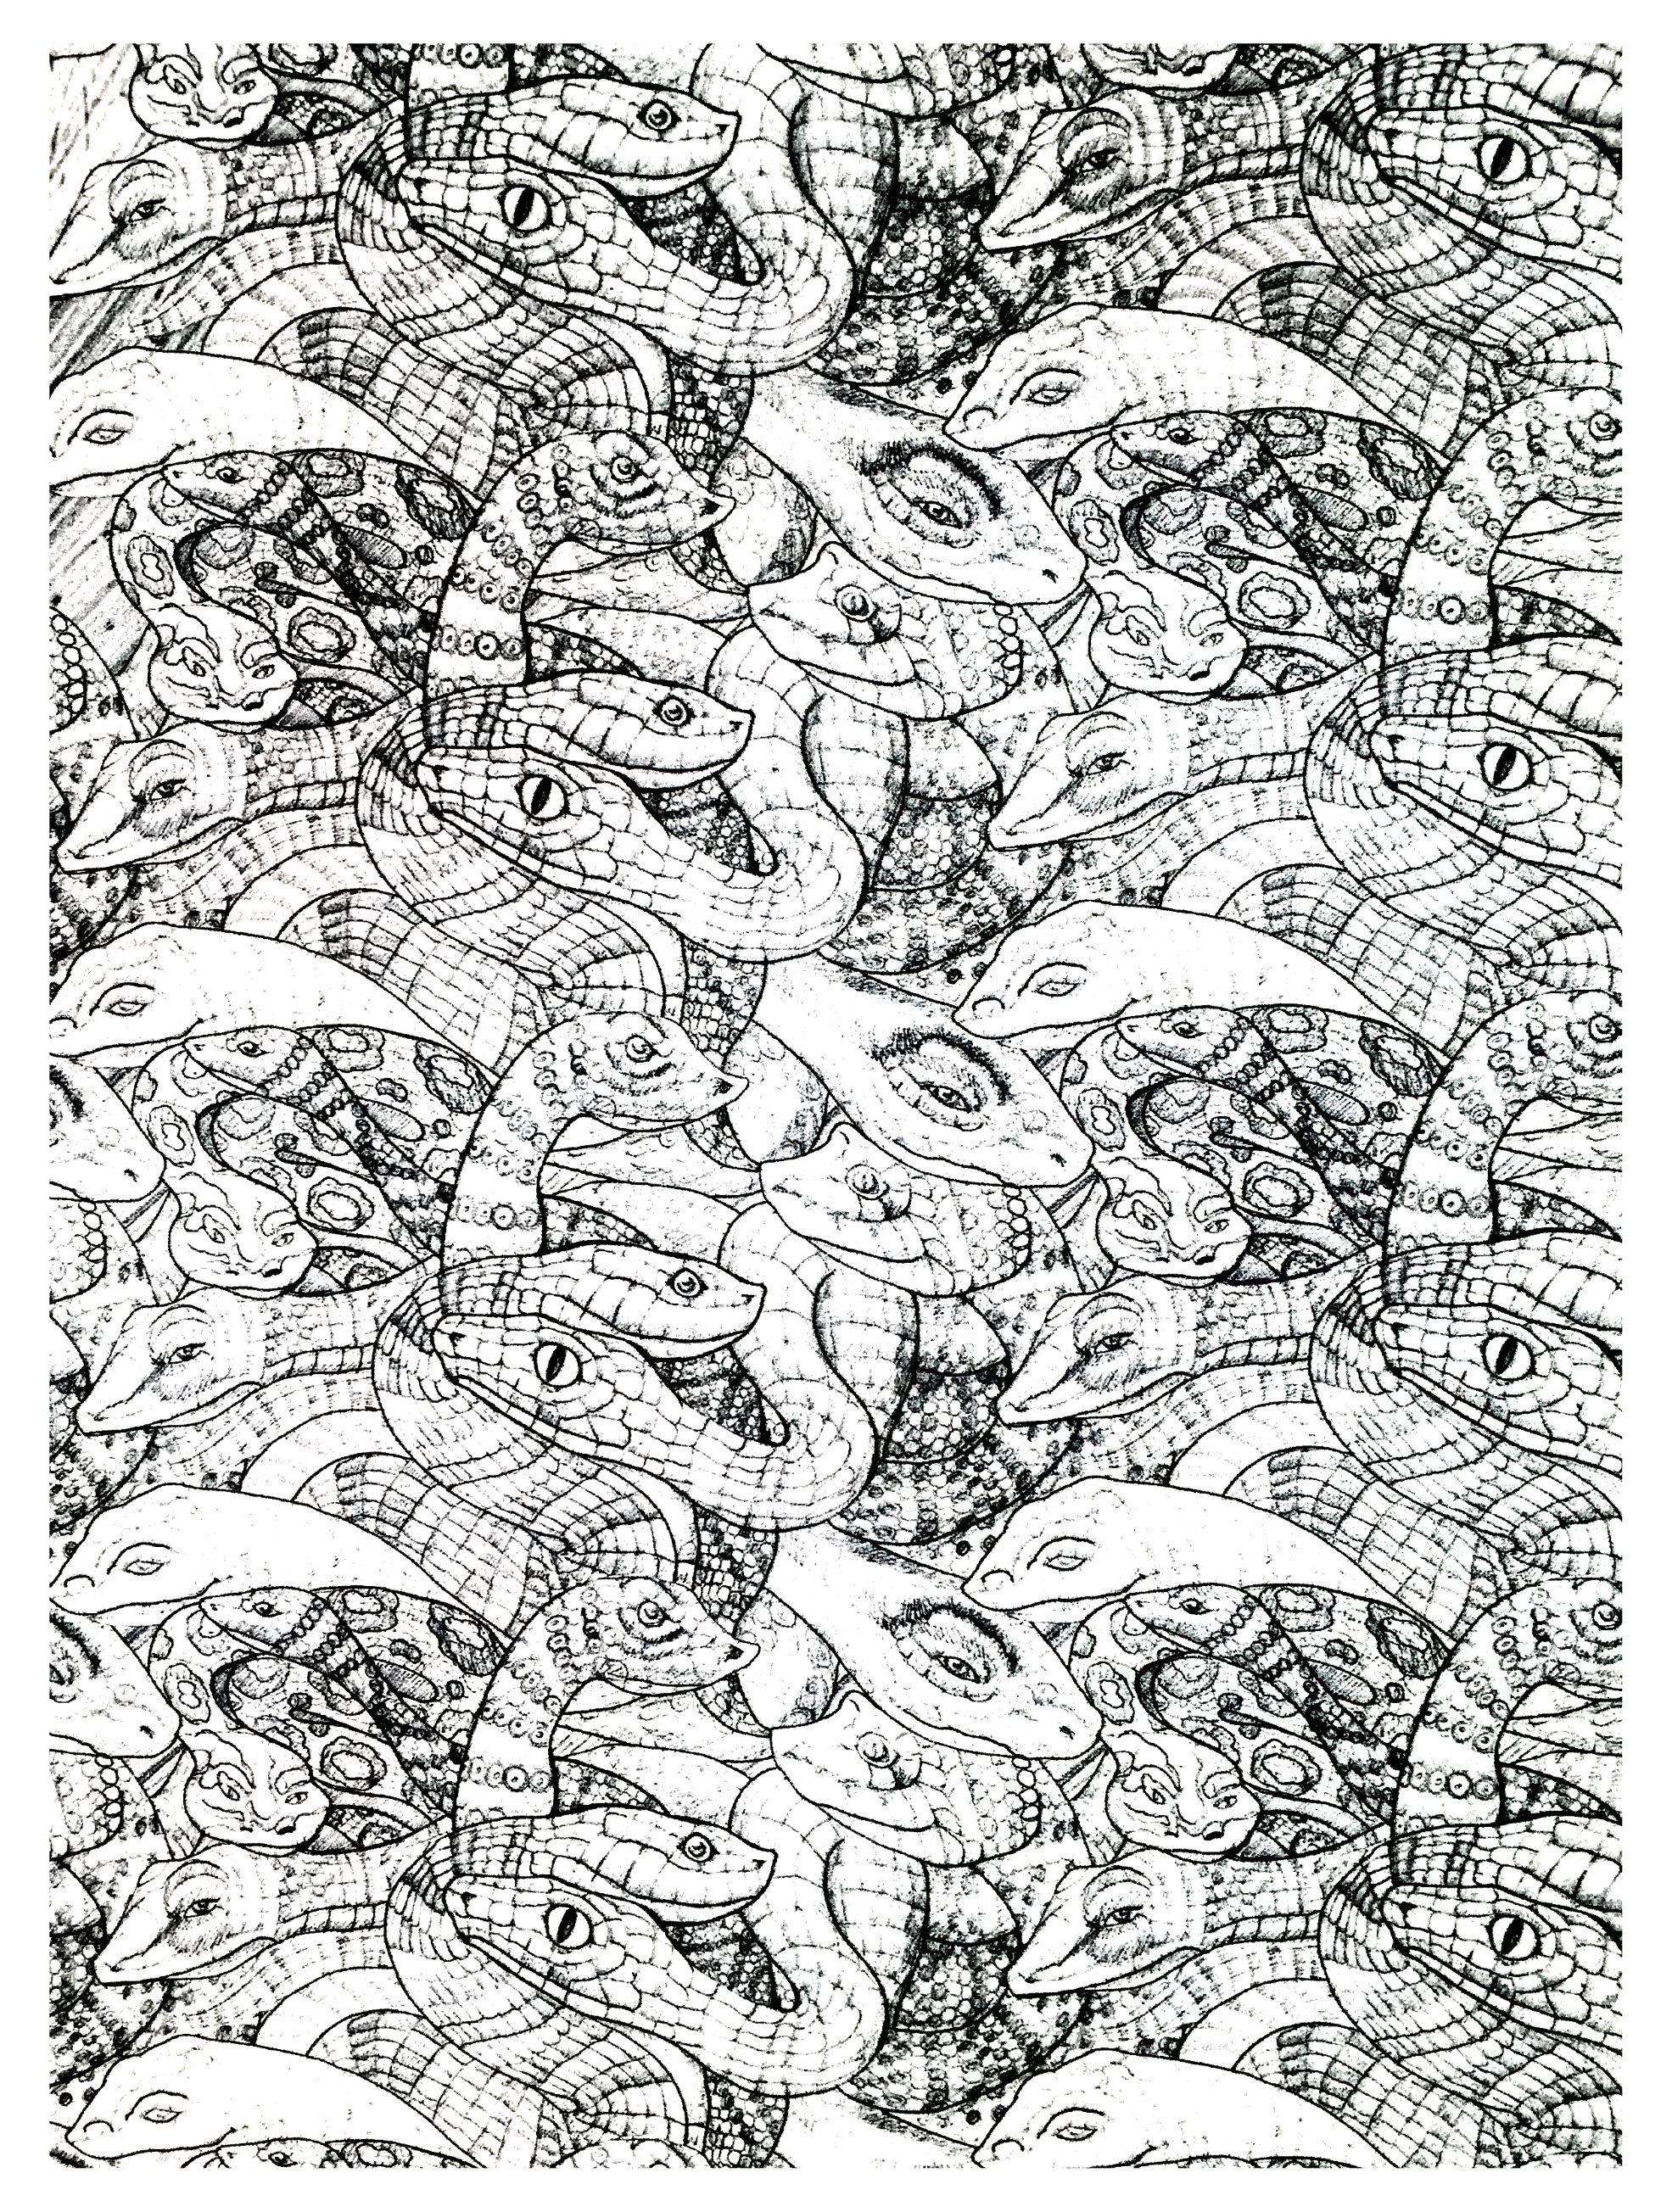 Nombreux serpents entremªlés  colorier mod¨le 2 niveau tr¨s difficile